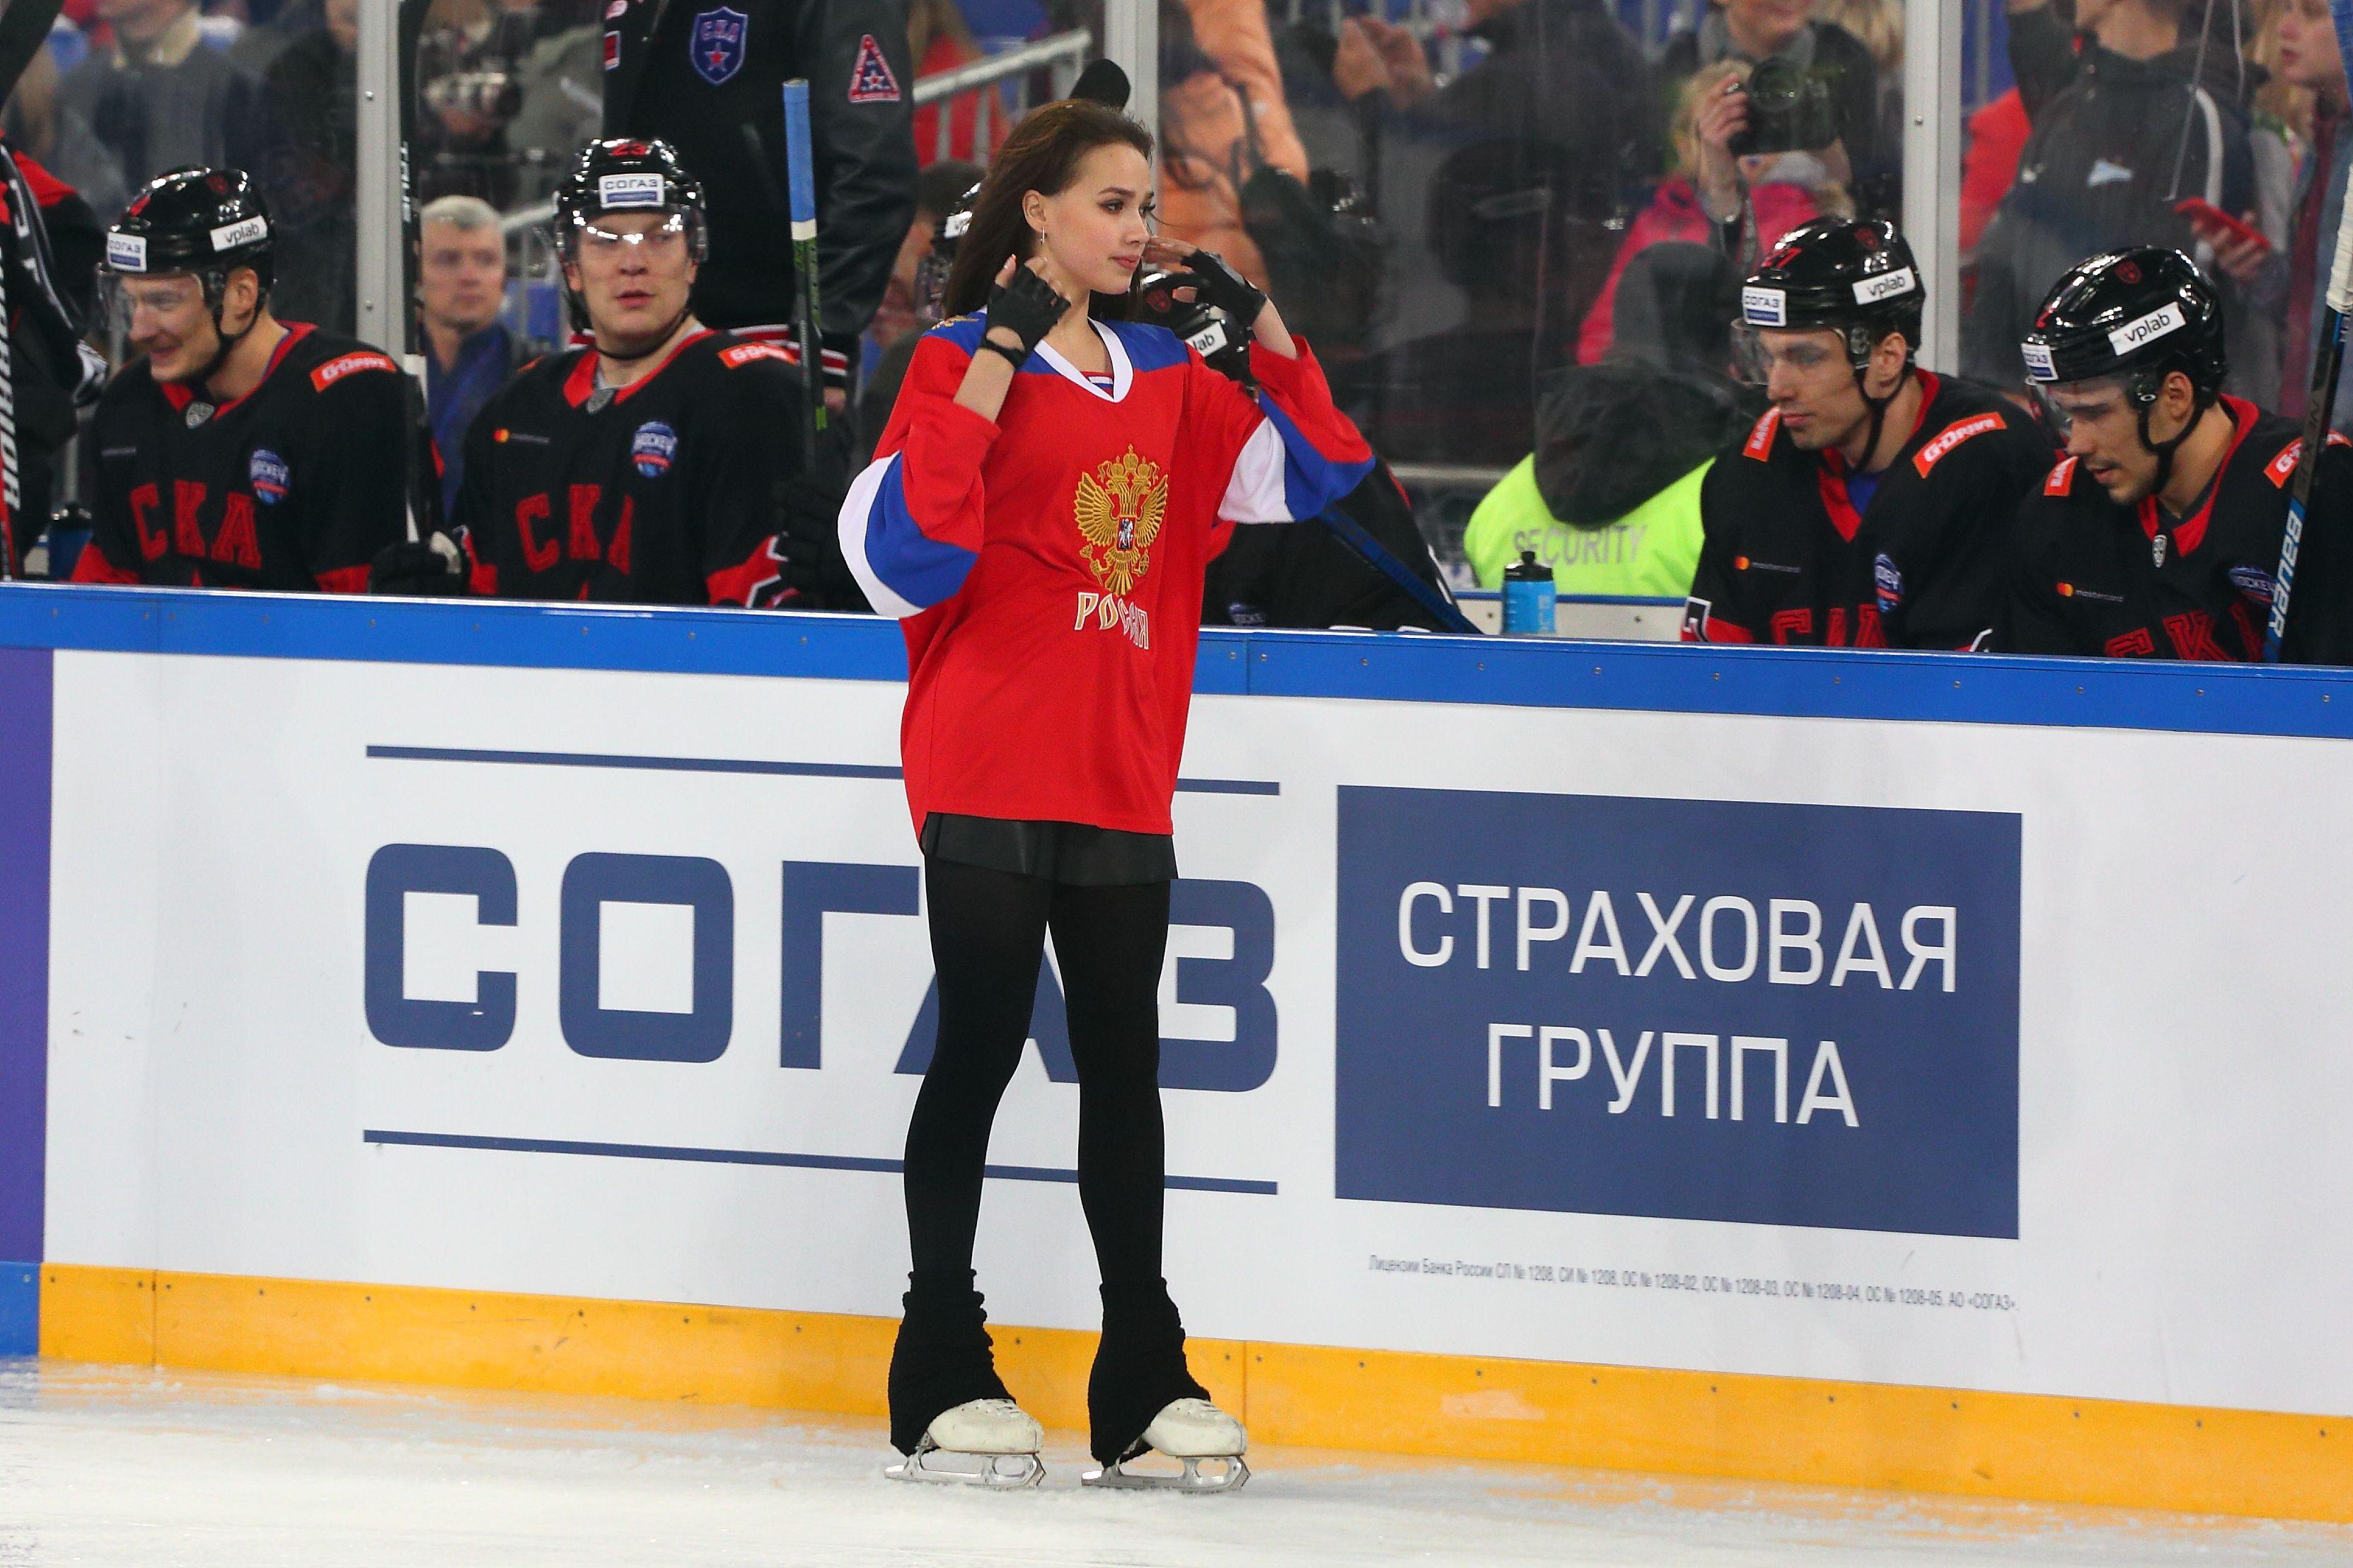 Как Валиева и Щербакова оказались в команде Загитовой или ложка дёгтя в бочке мёда